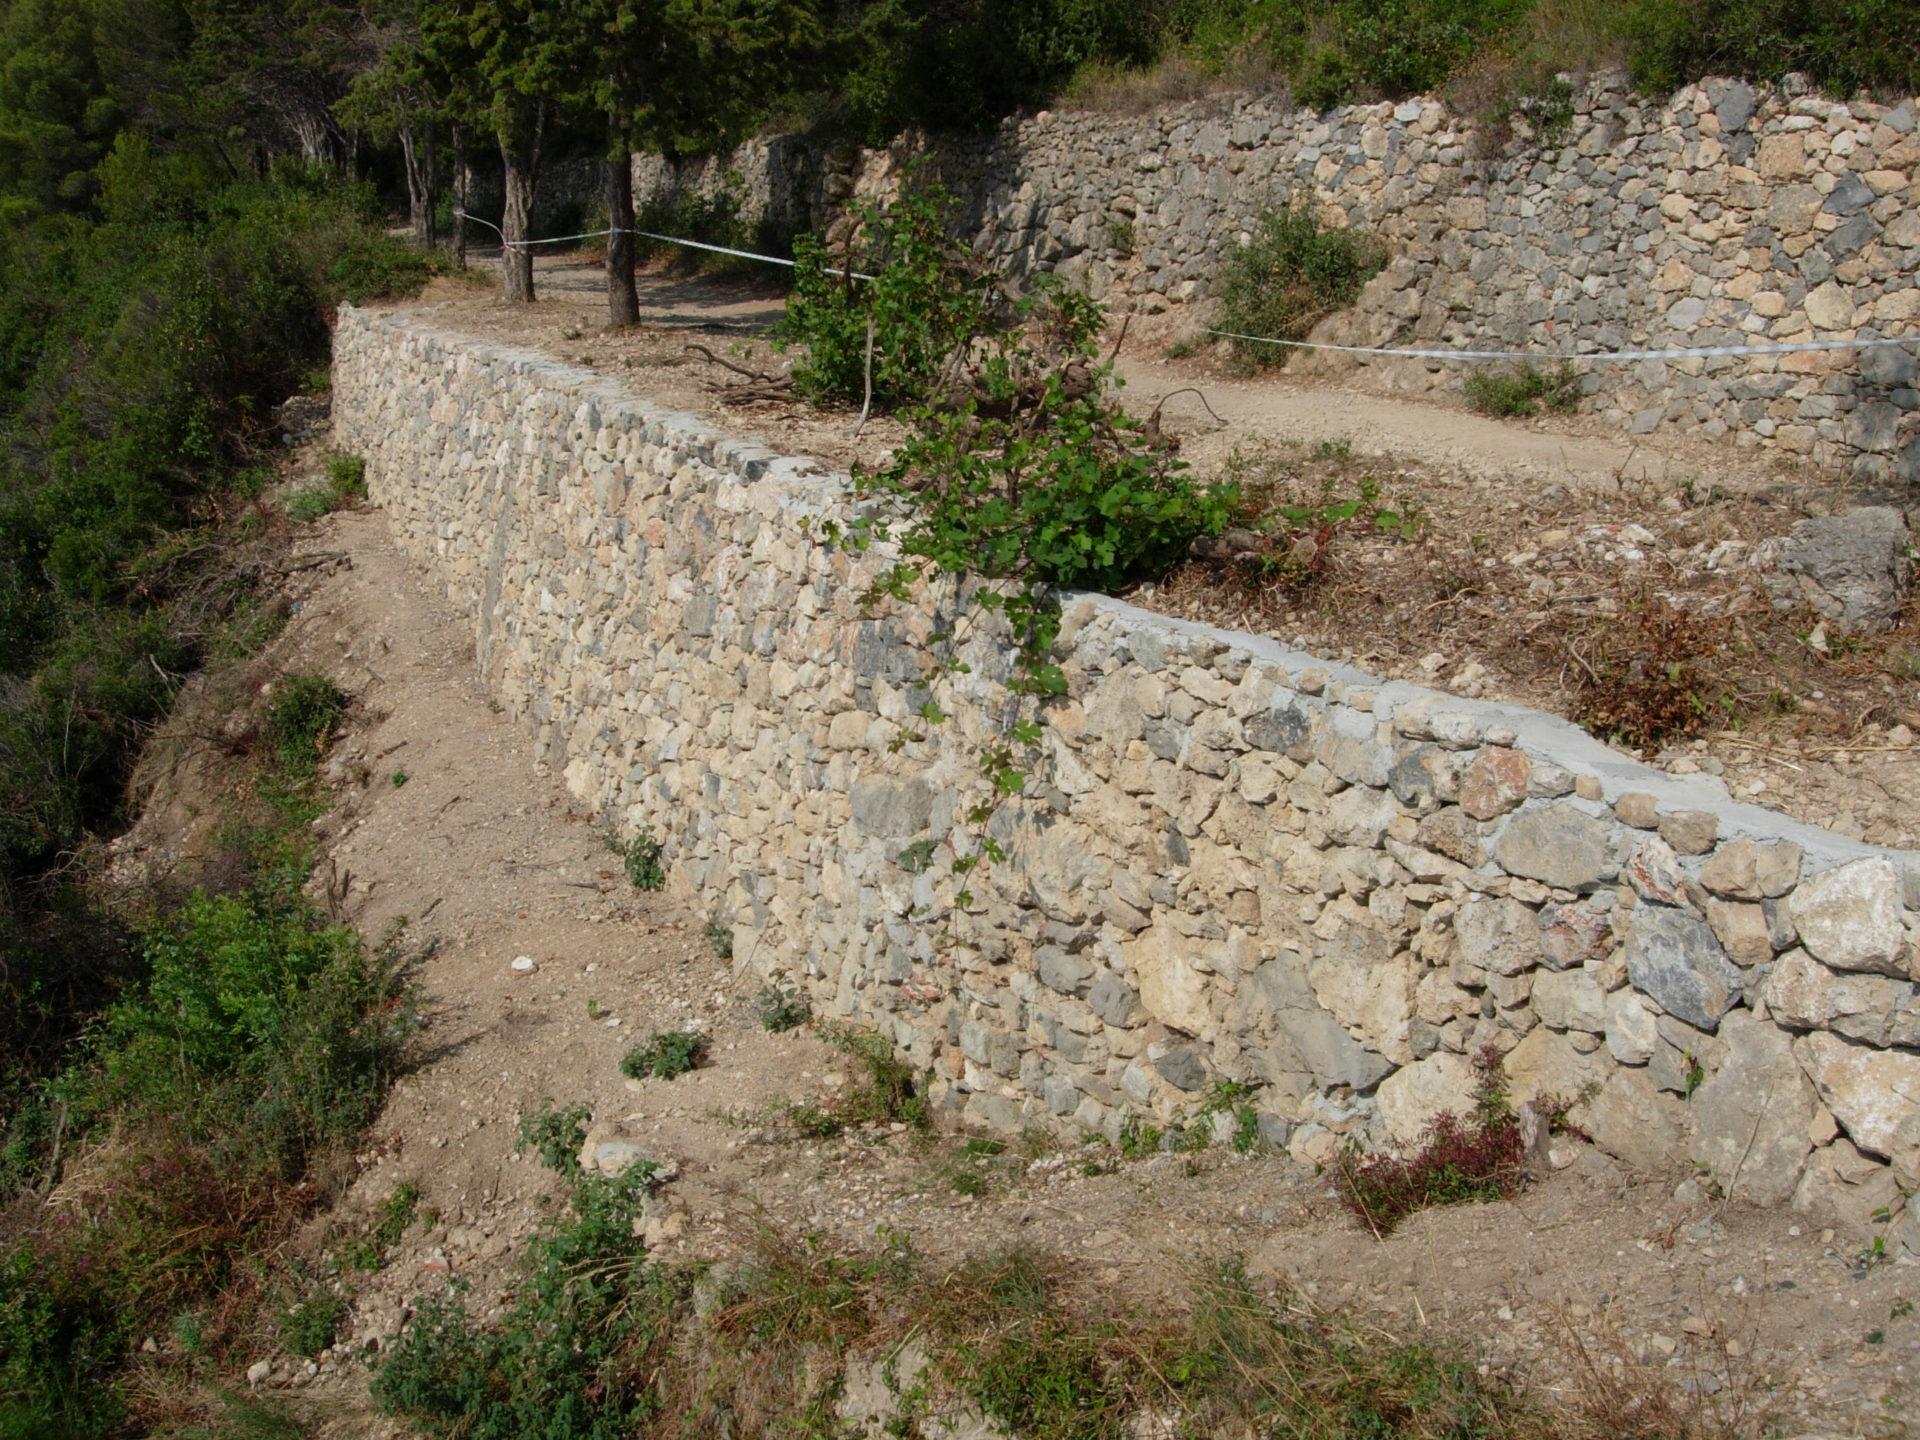 Muri in pietra 23 coop tracce - Tracce su muri portanti ...